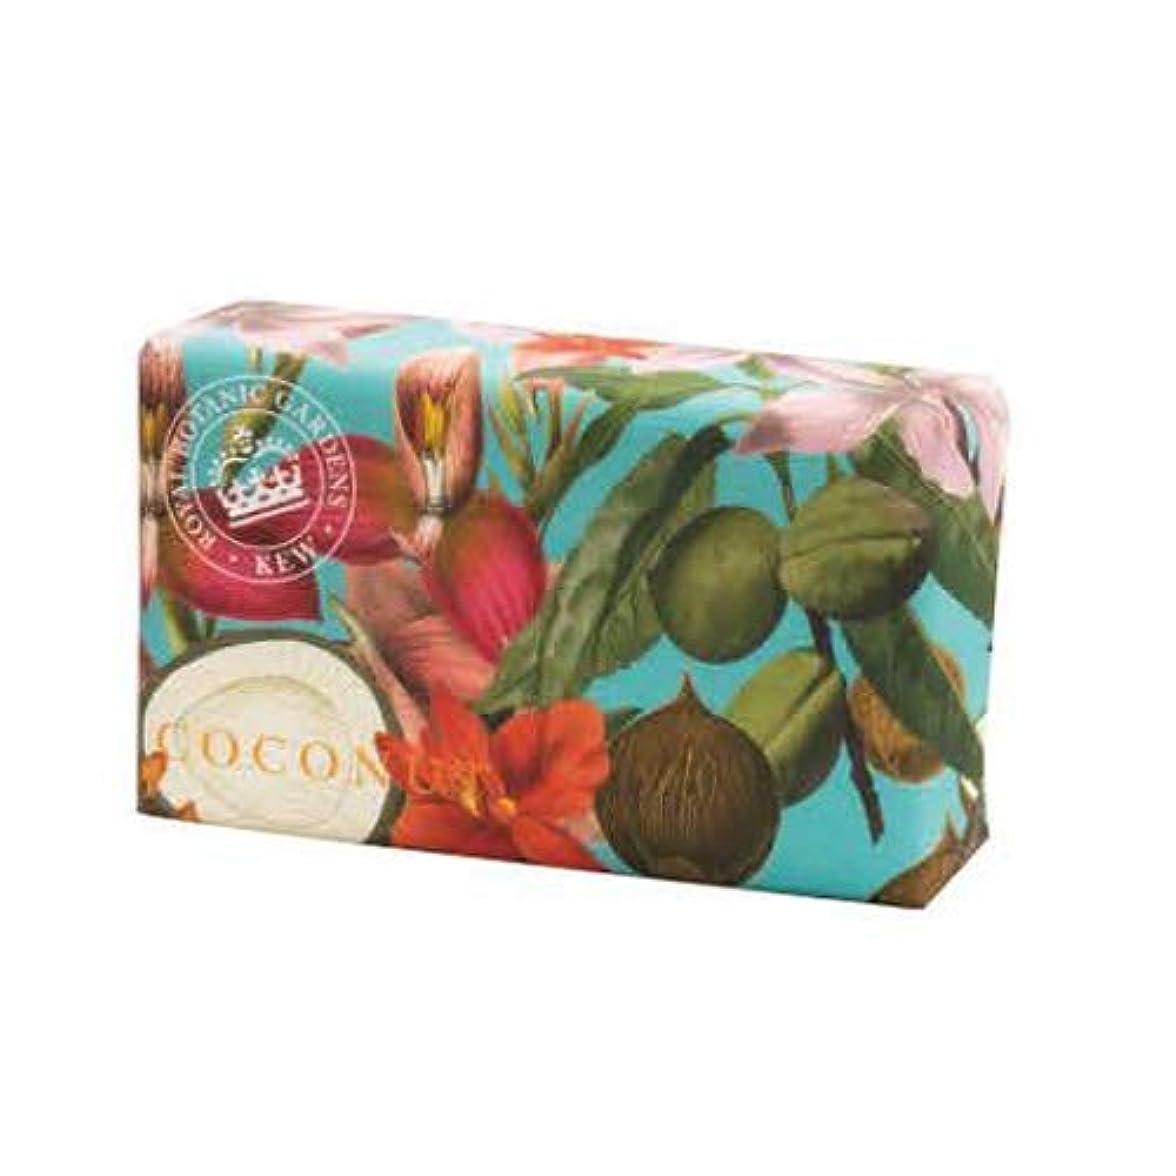 困ったエクステントペチュランスEnglish Soap Company イングリッシュソープカンパニー KEW GARDEN キュー?ガーデン Luxury Shea Soaps シアソープ Coconut ココナッツ